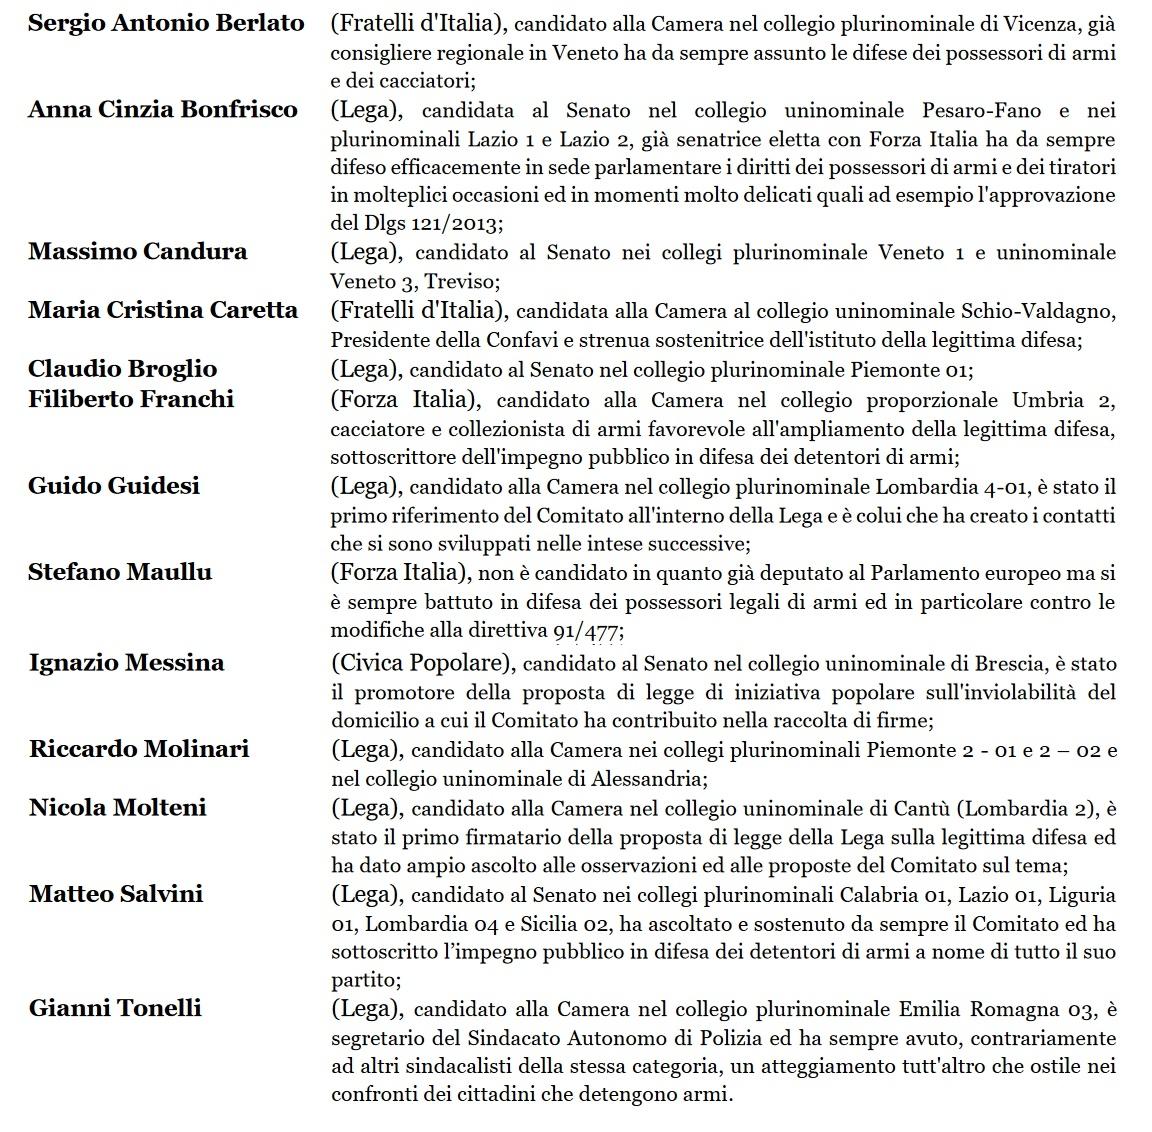 La lista dei candidati che si sono disponibili al confronto o che hanno sottoscritto l'impegno pubblico promosso dal Comitato Direttiva 477